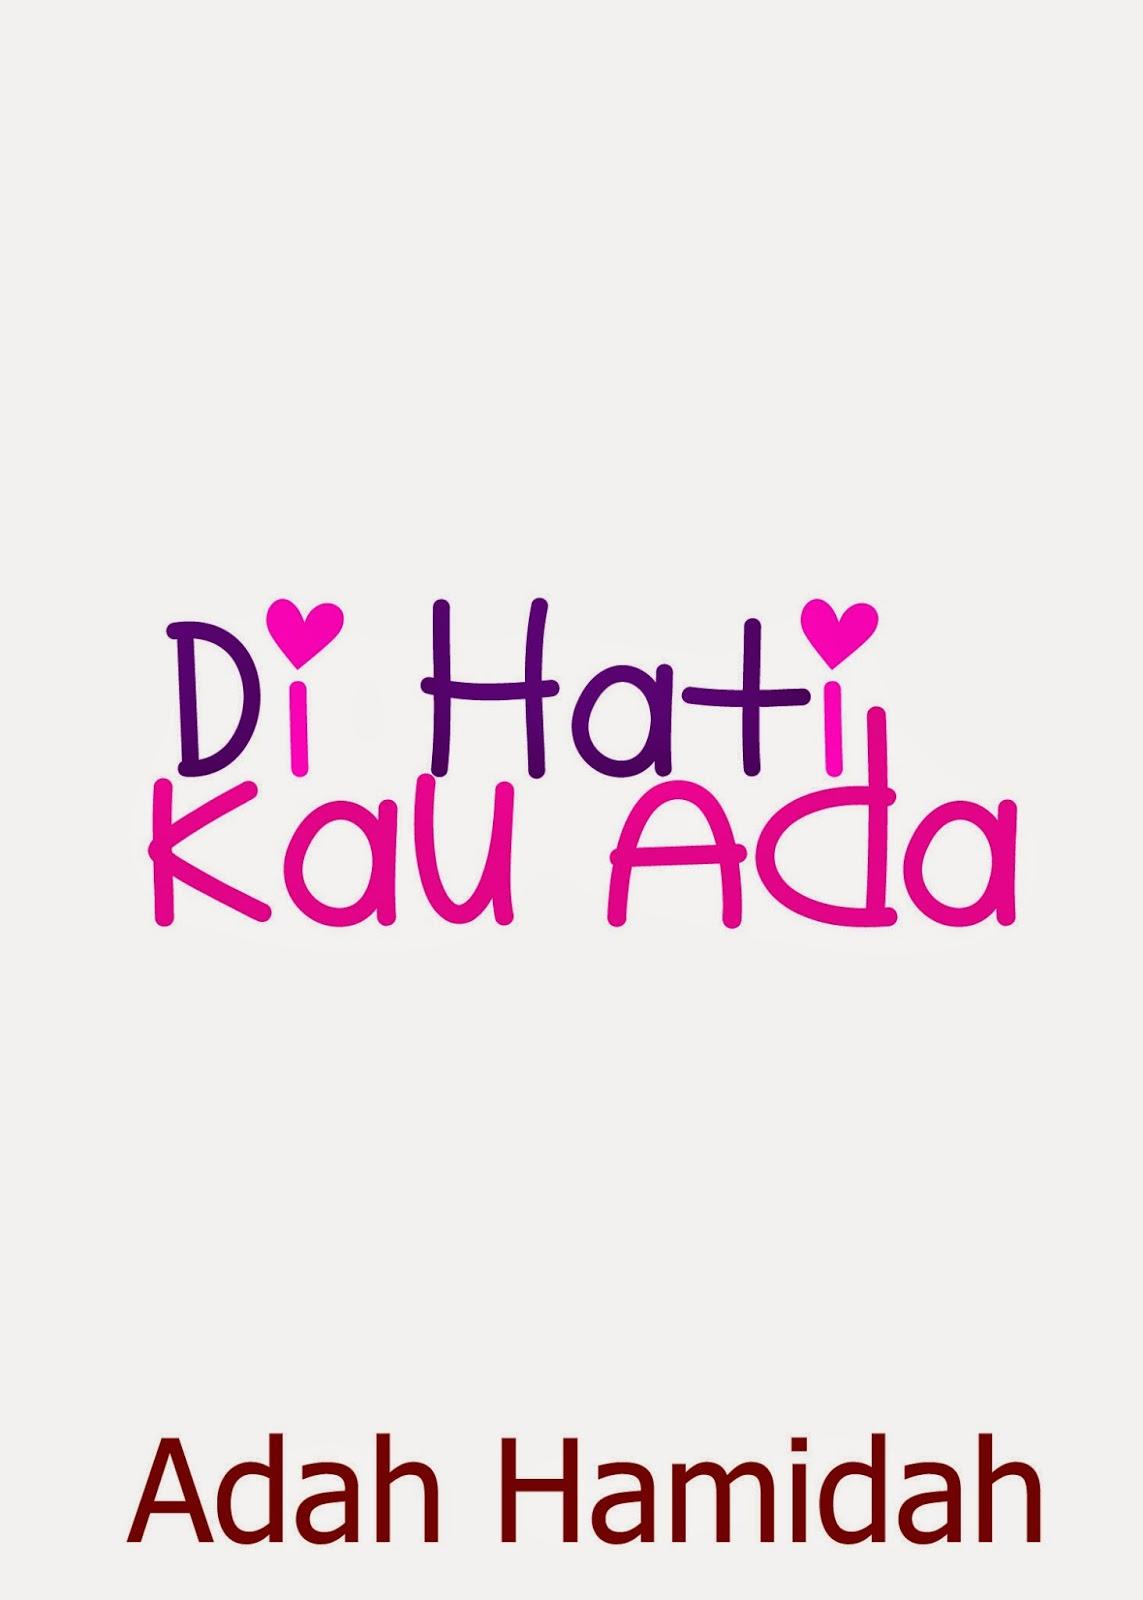 http://adahhamidah.blogspot.com/2014/09/bab-1-di-hati-kau-ada.html